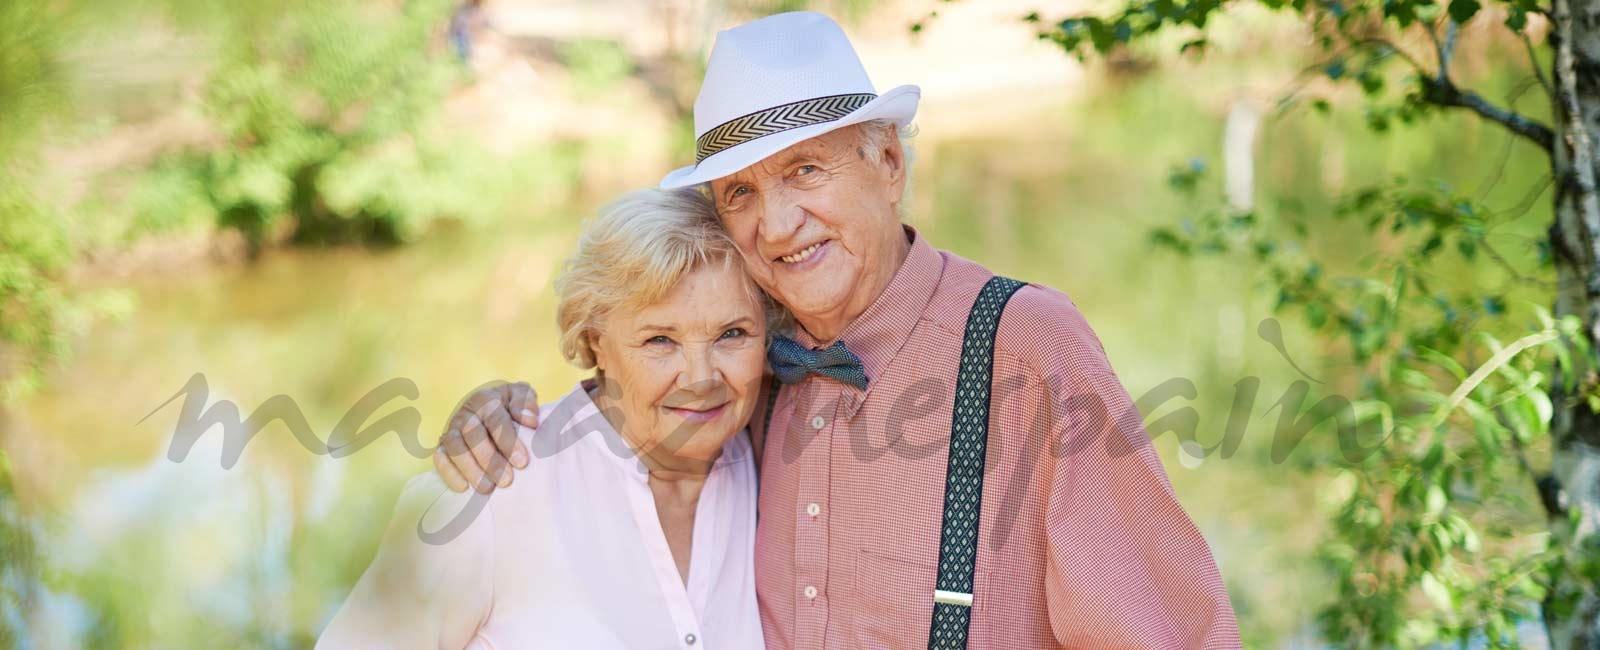 Claves para intensificar tu vida amorosa después de la jubilación